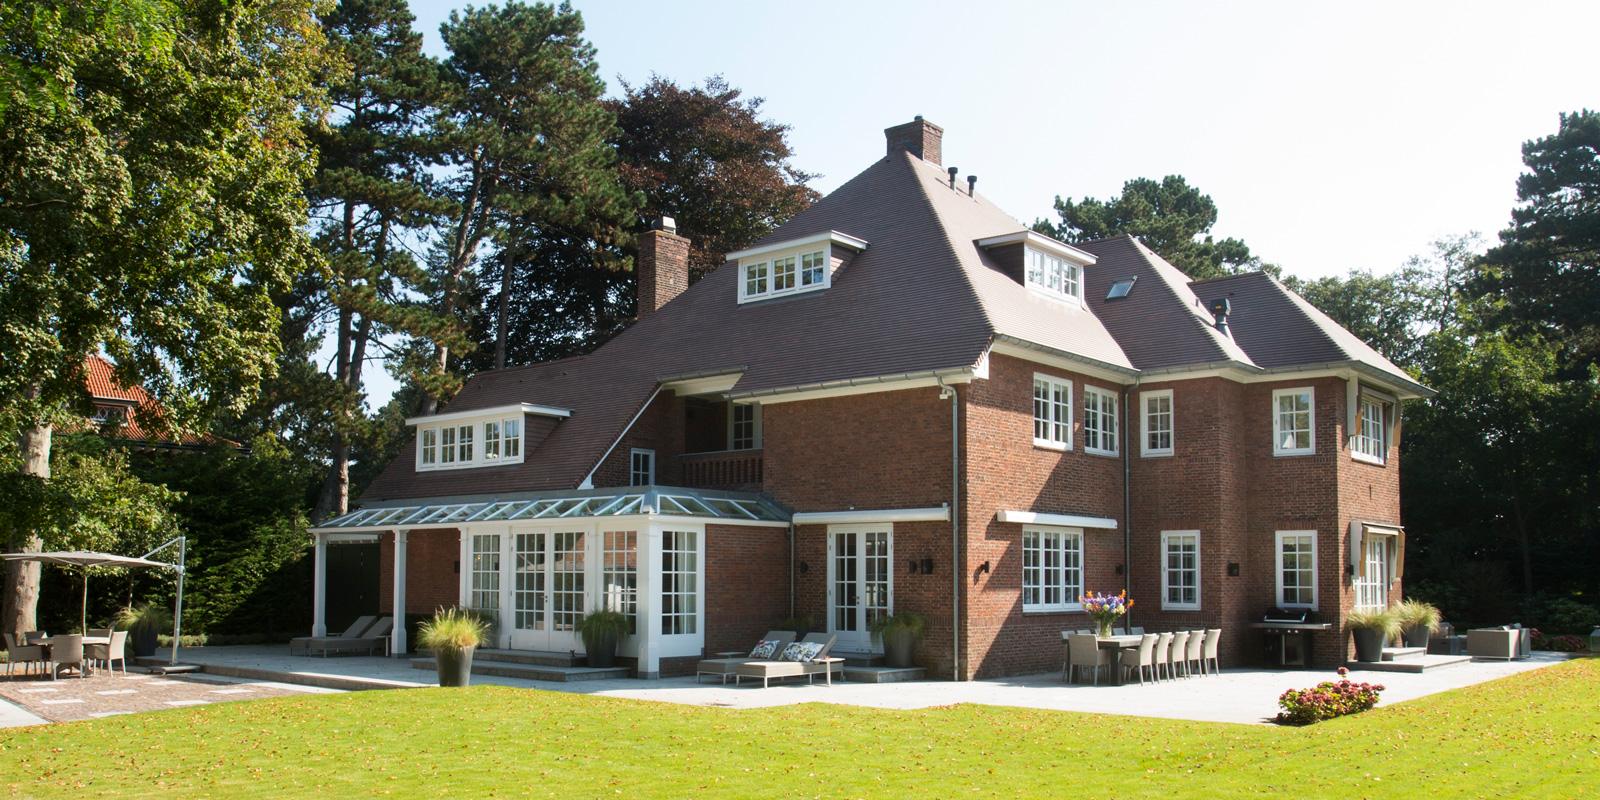 Van Egmond heeft deze luxe villa ontworpen.